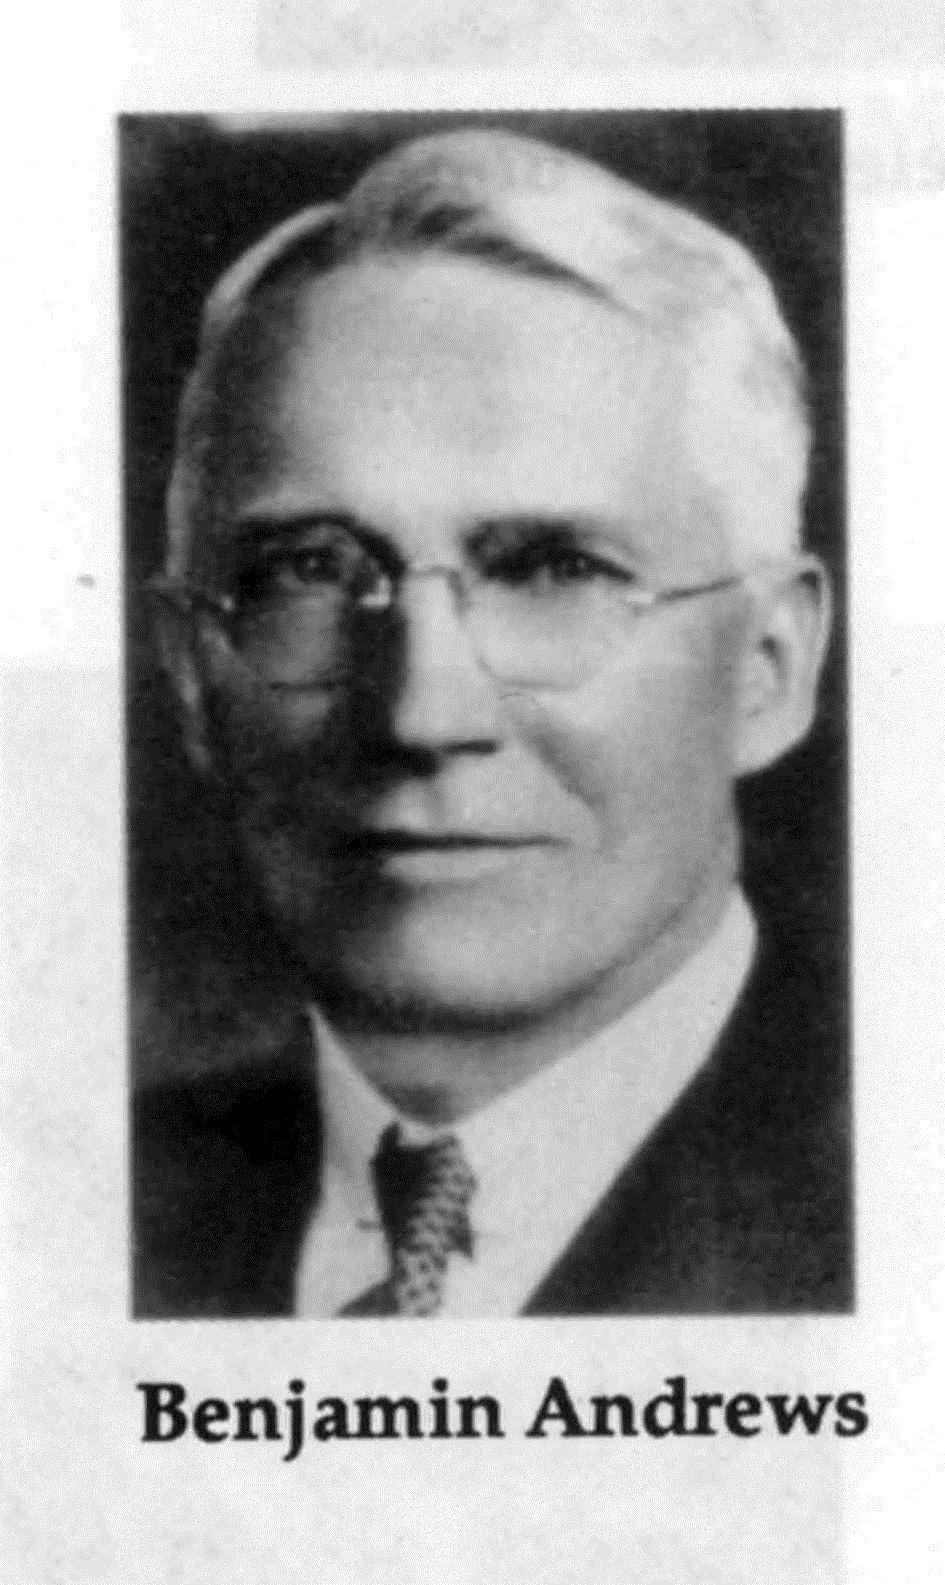 Benjamin Andrews